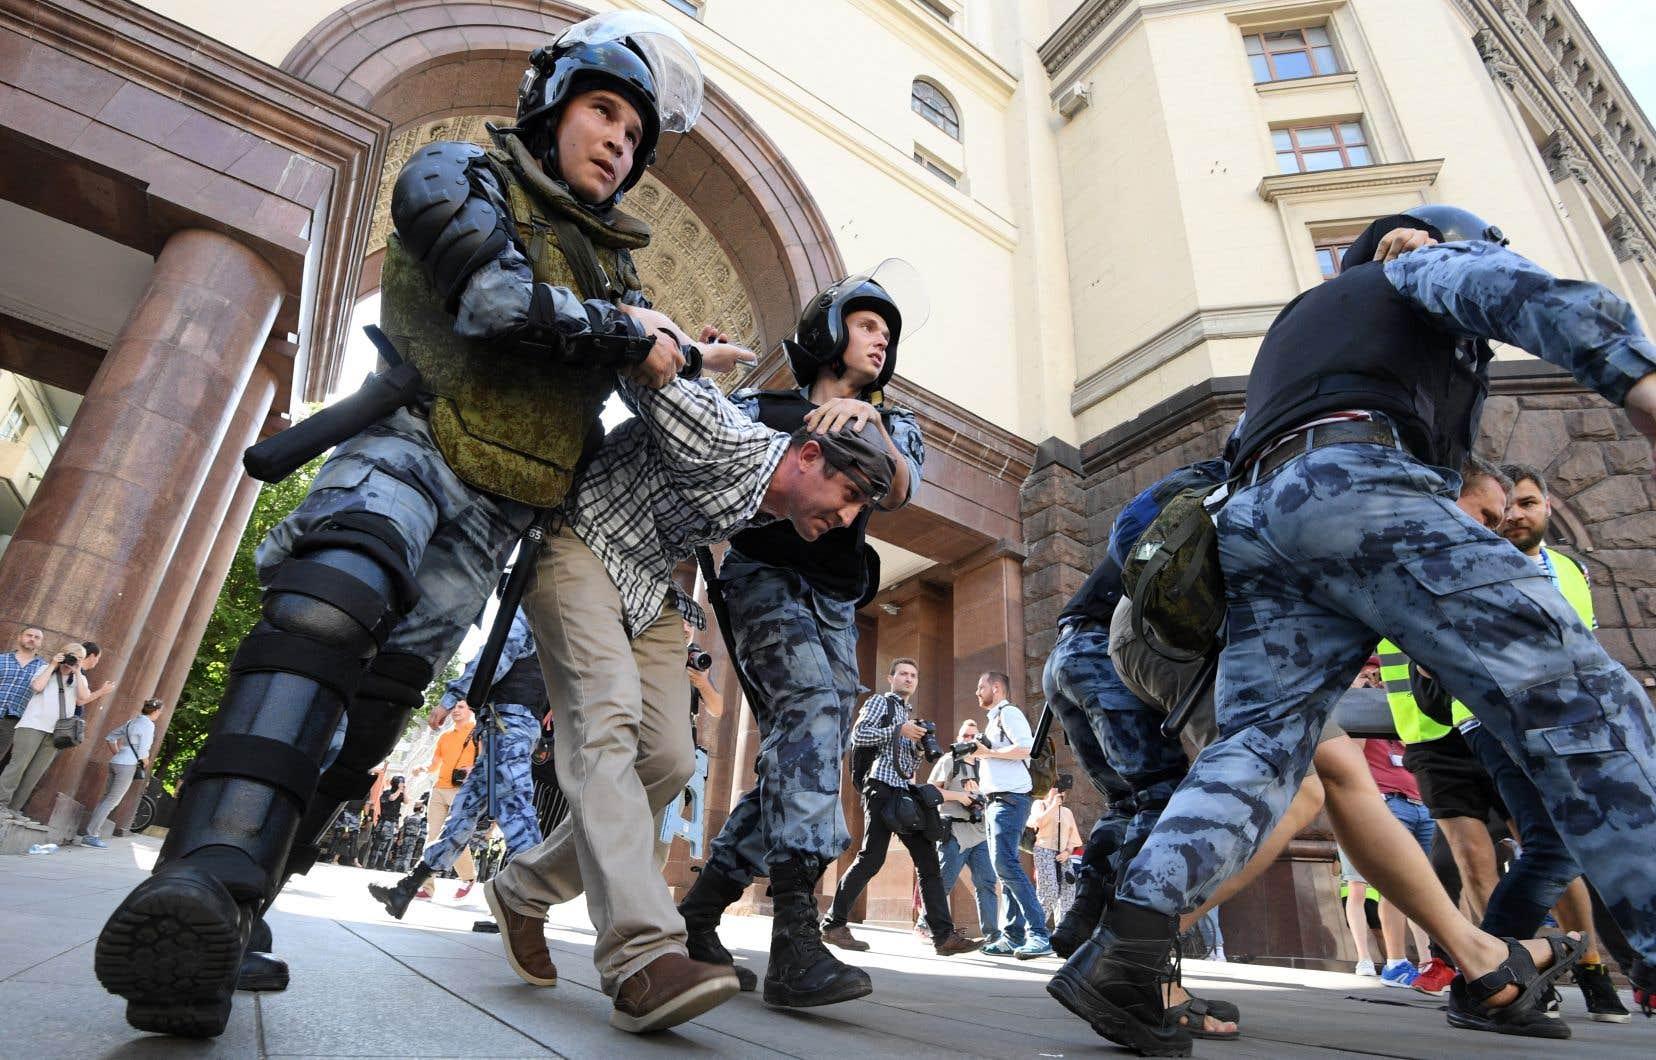 Mobilisées en grand nombre, les forces de l'ordre ont arrêté massivement les protestataires qui affluaient sur la principale avenue de Moscou.